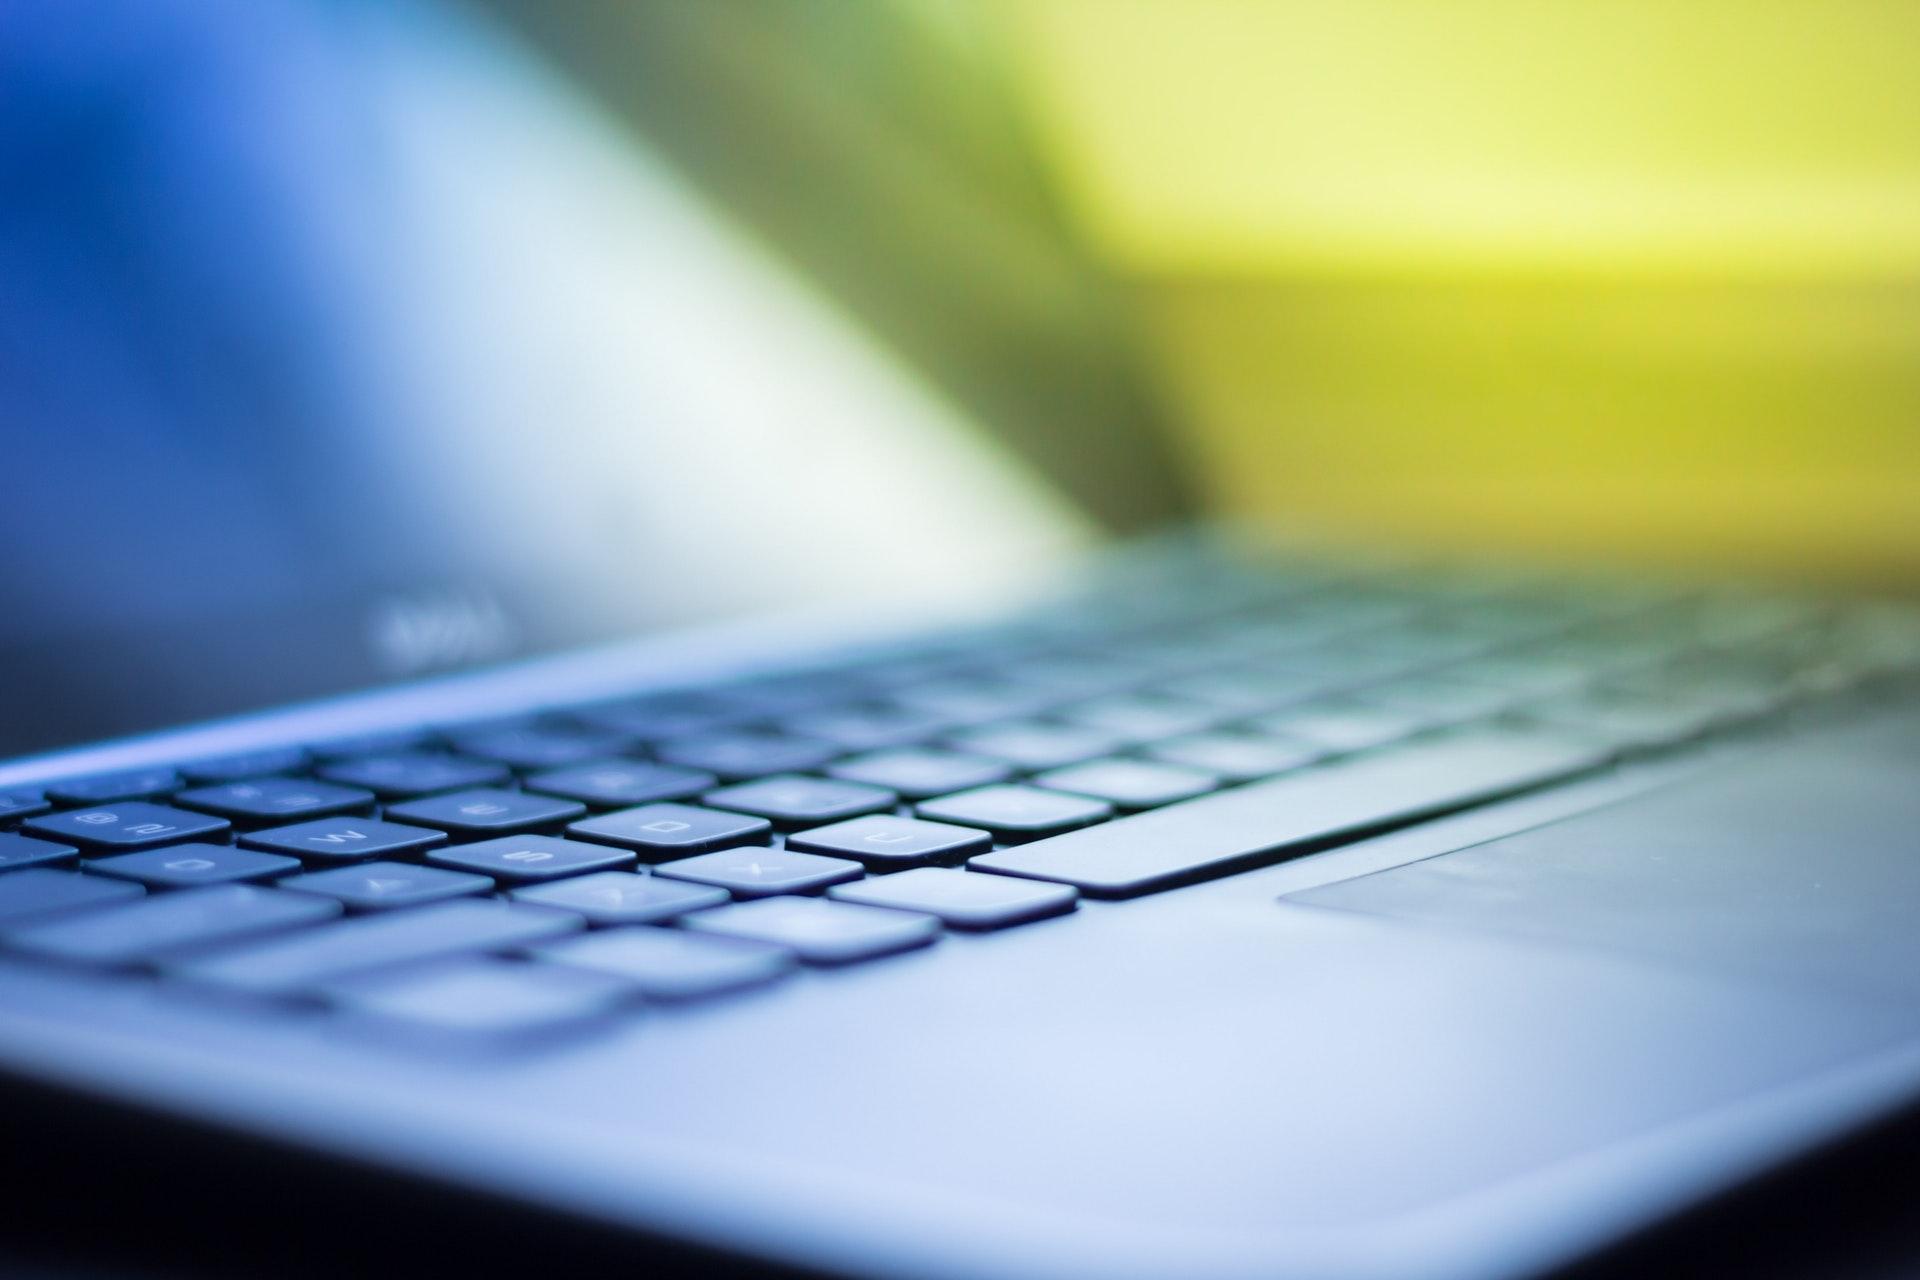 light-laptop-computer-colors-18547-1